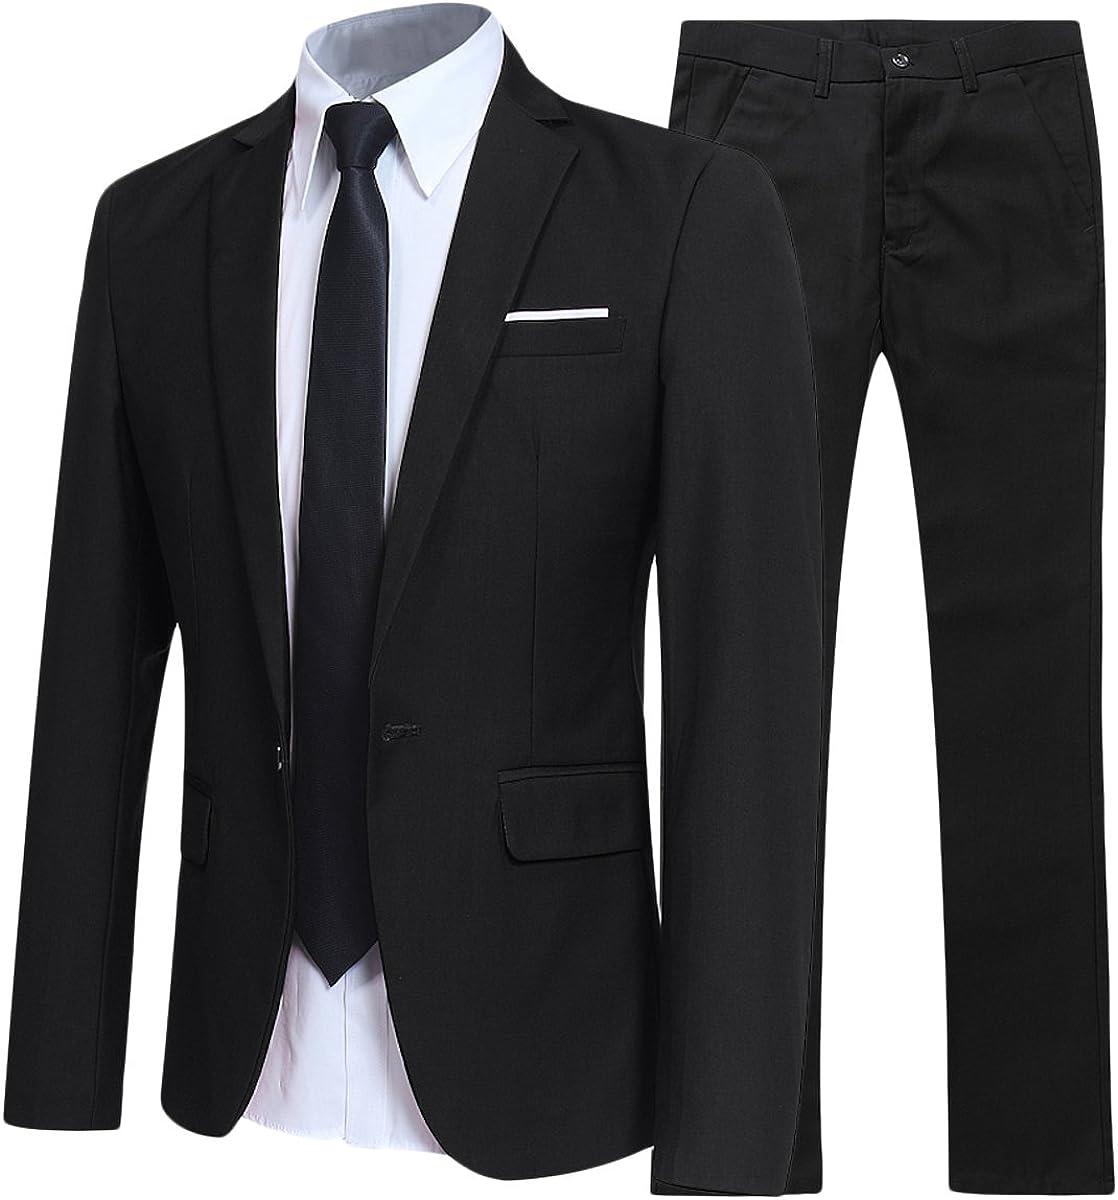 Mens Suits 2 Piece Suit Slim Fit